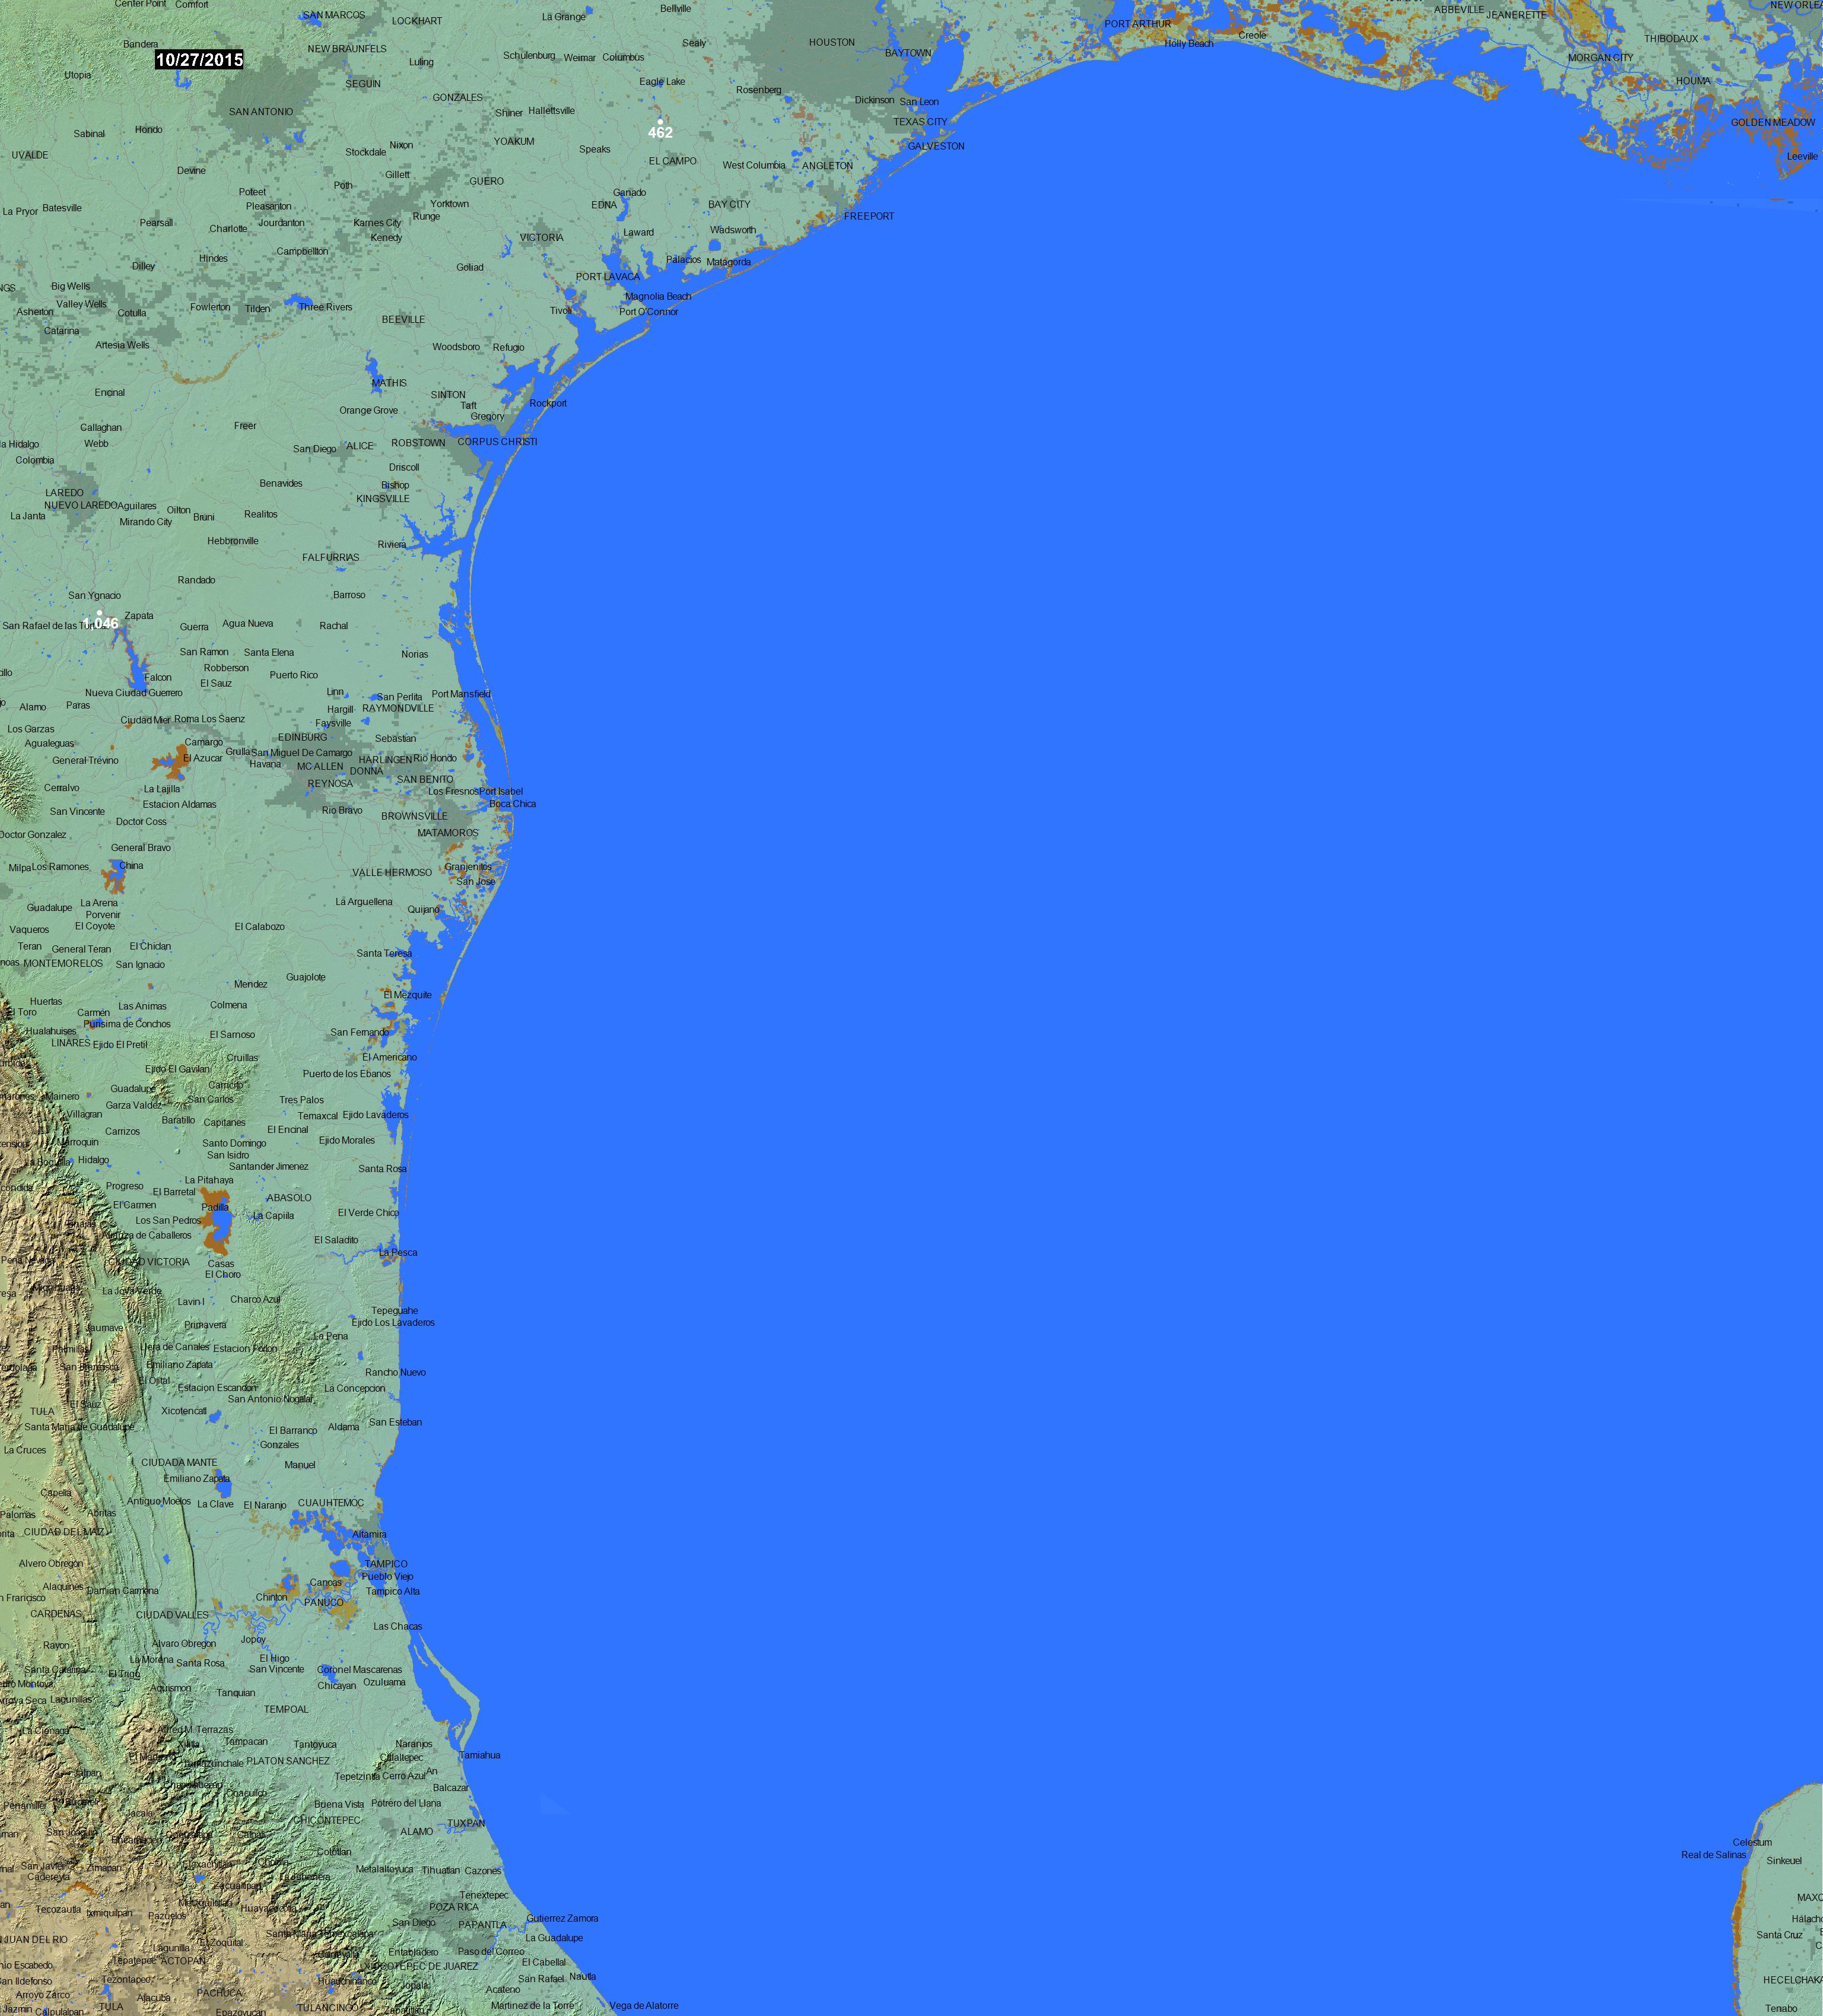 Global Atlas Of Floodplains 100w030n